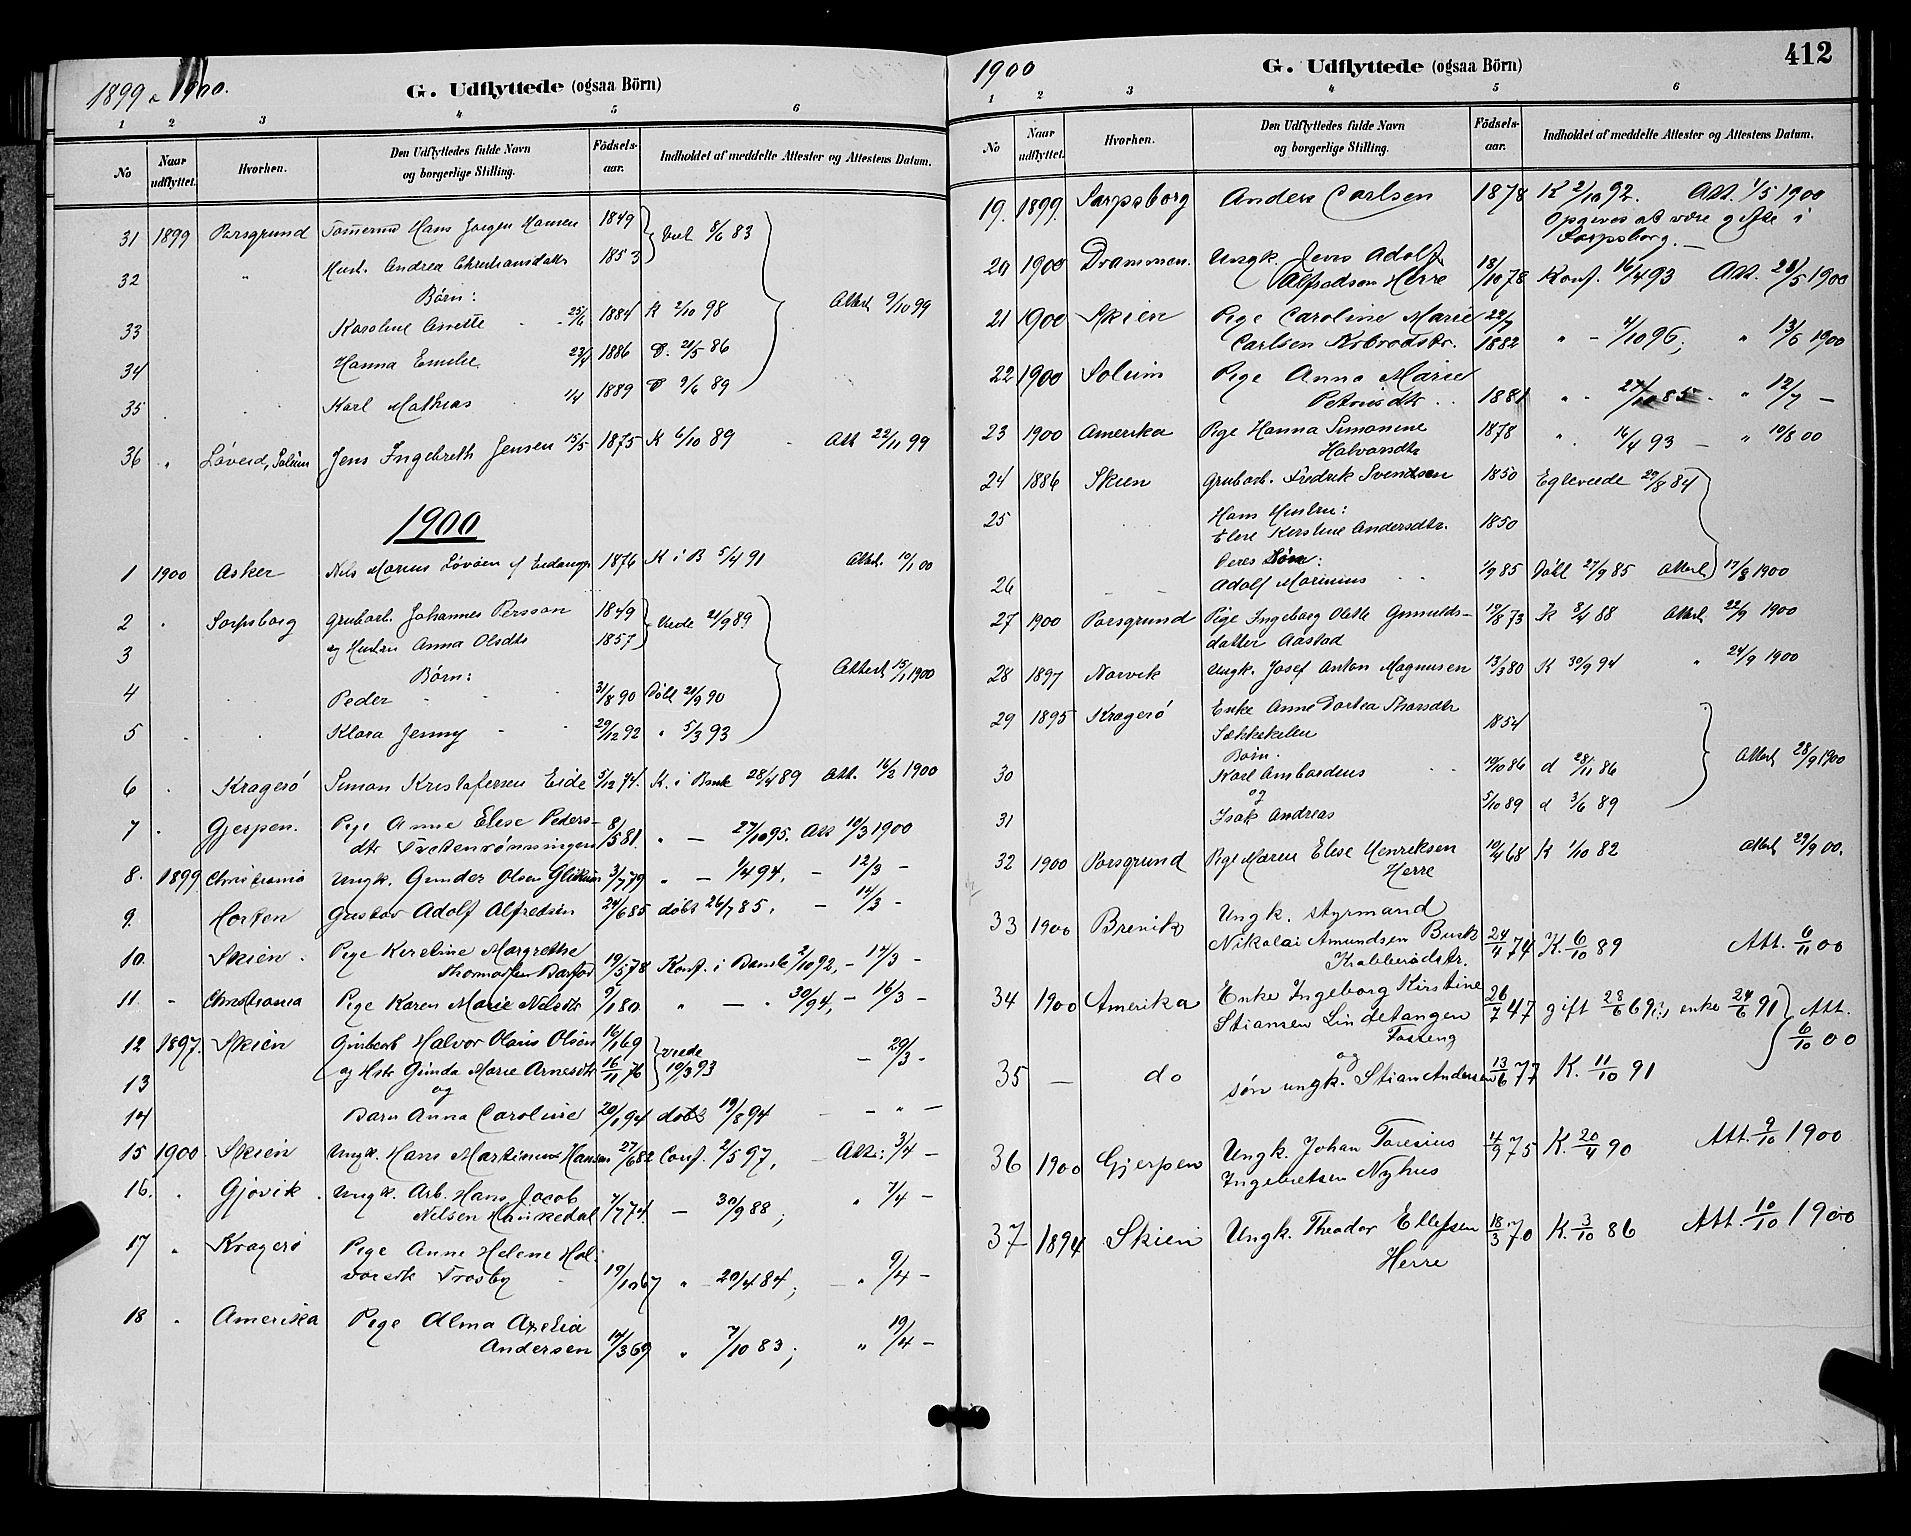 SAKO, Bamble kirkebøker, G/Ga/L0009: Klokkerbok nr. I 9, 1888-1900, s. 412